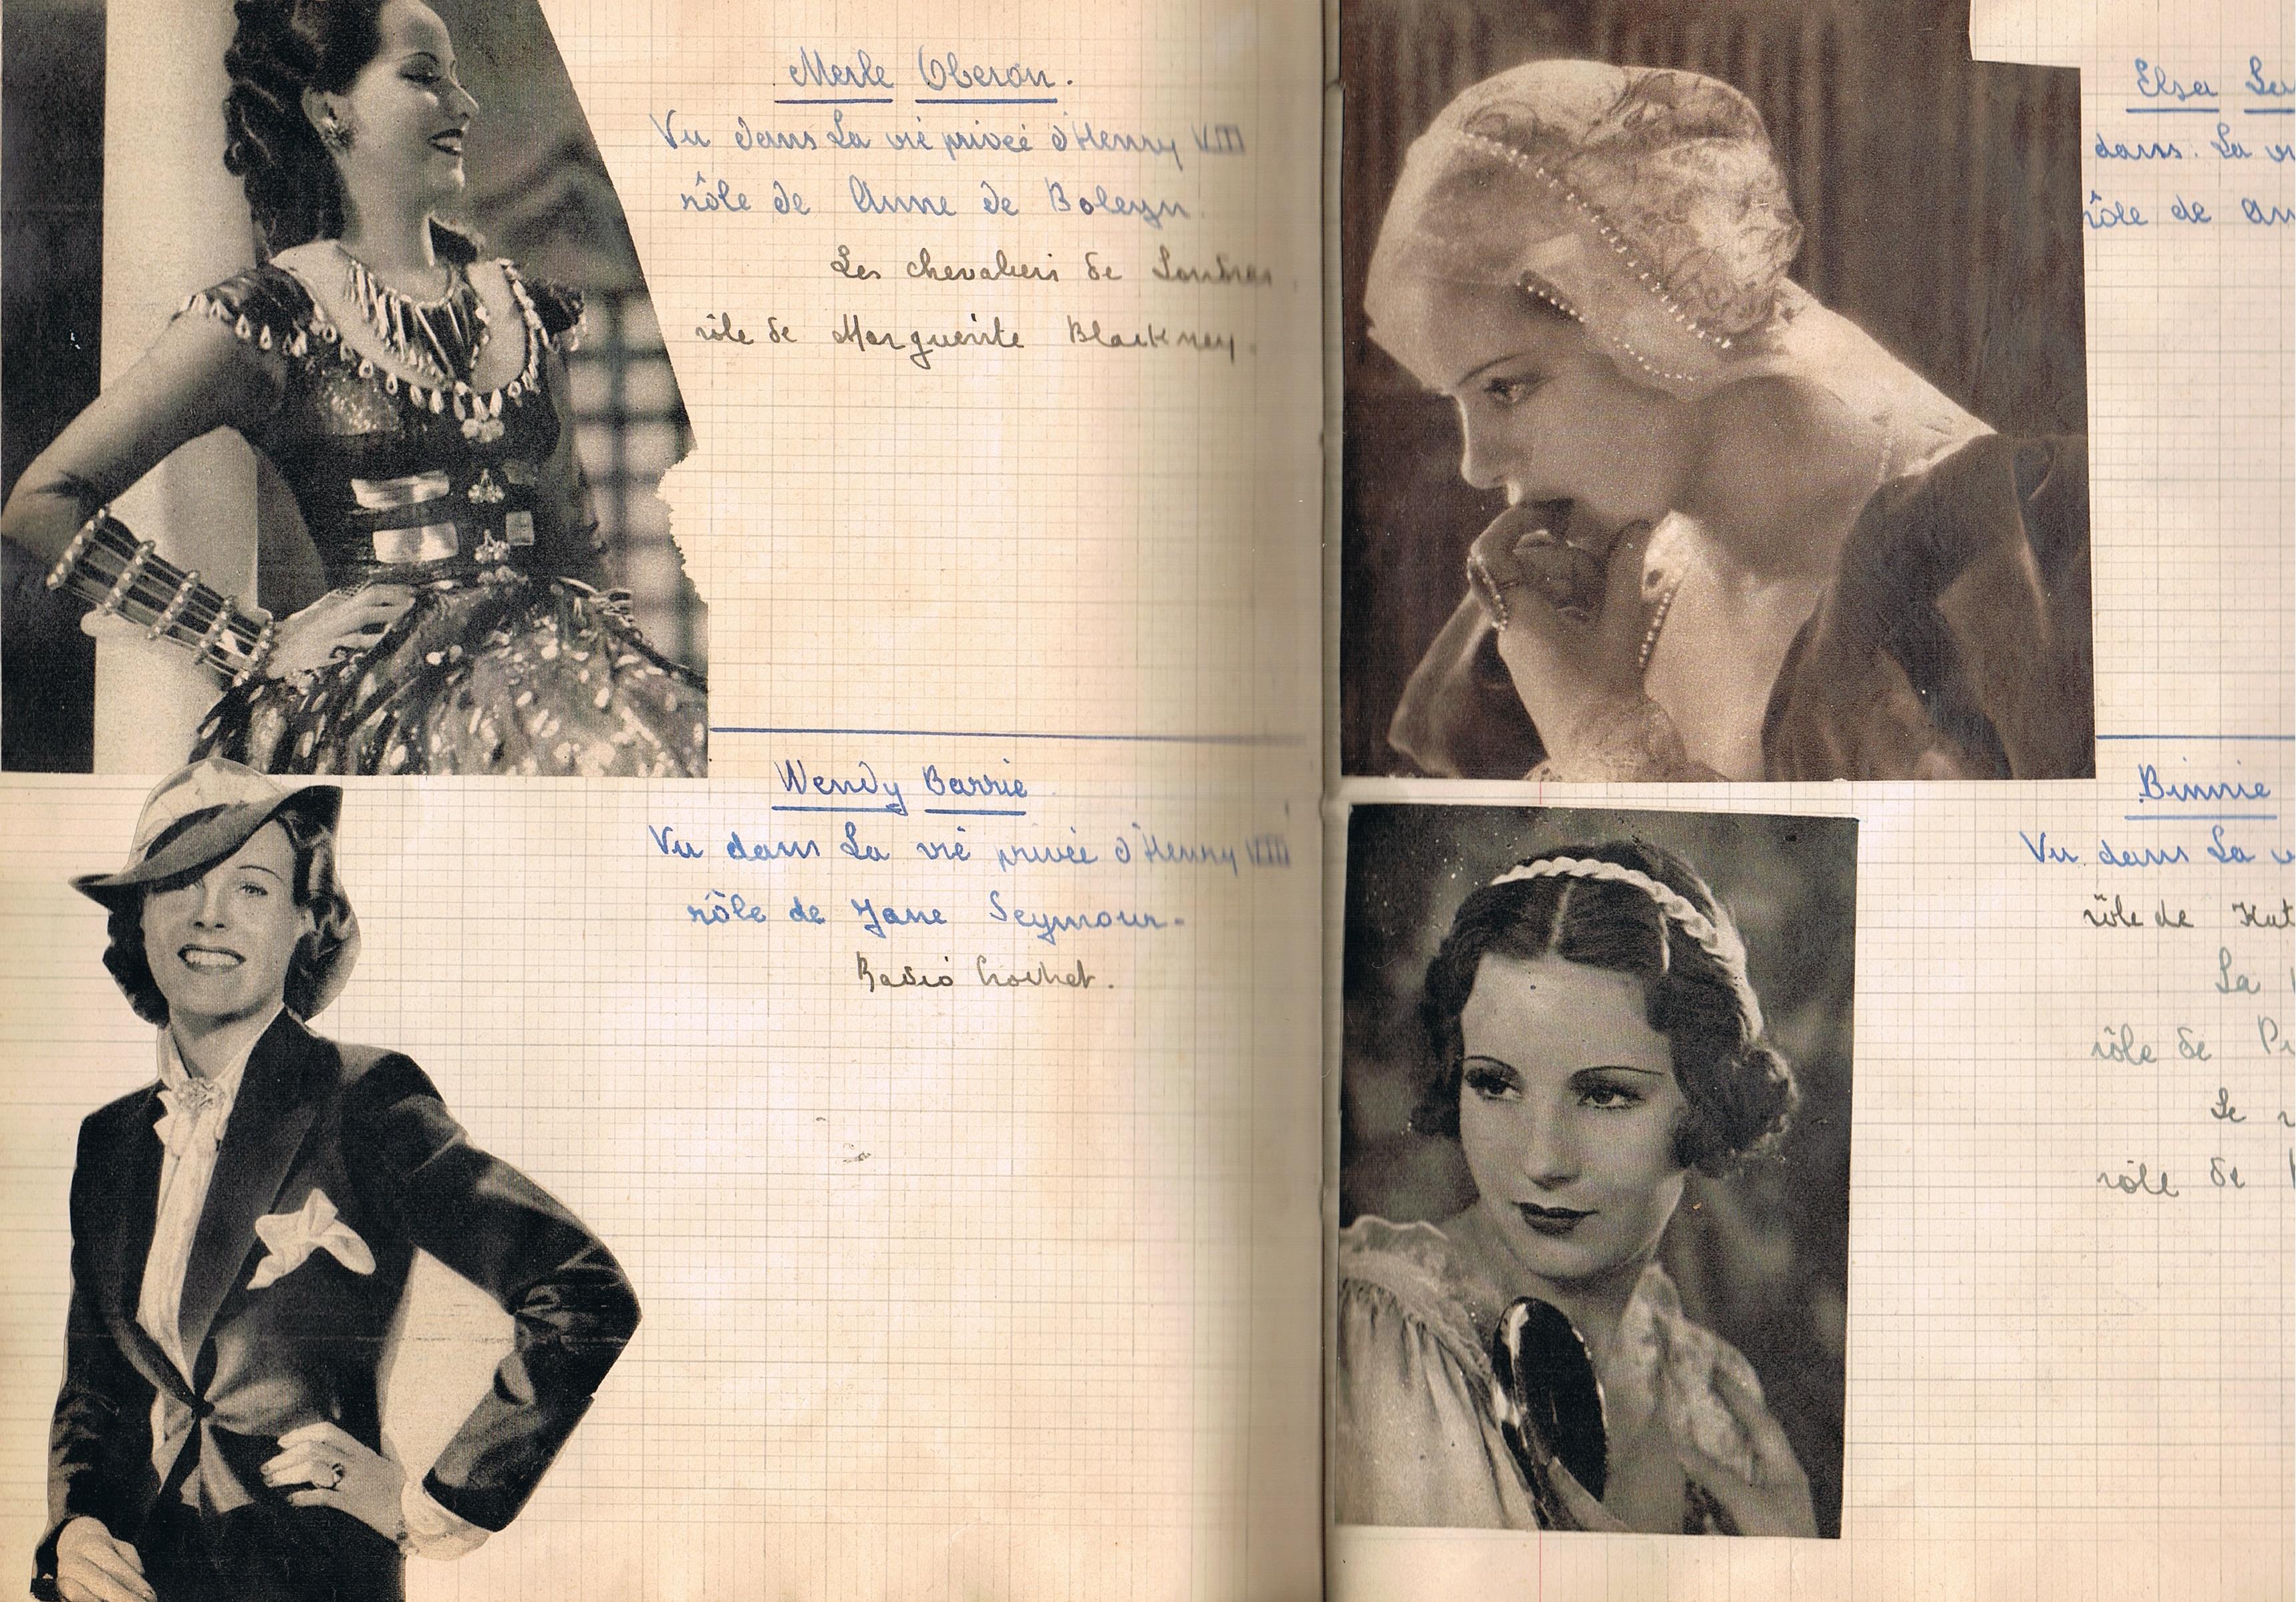 Cahier de Cinéma, Ariane de Gueyer n°2 Femmes Suite - Elsa Lanchester, Binnie Barnes, toutes les deux vues dans LA VIE PRIVEE D'HENRY VIII